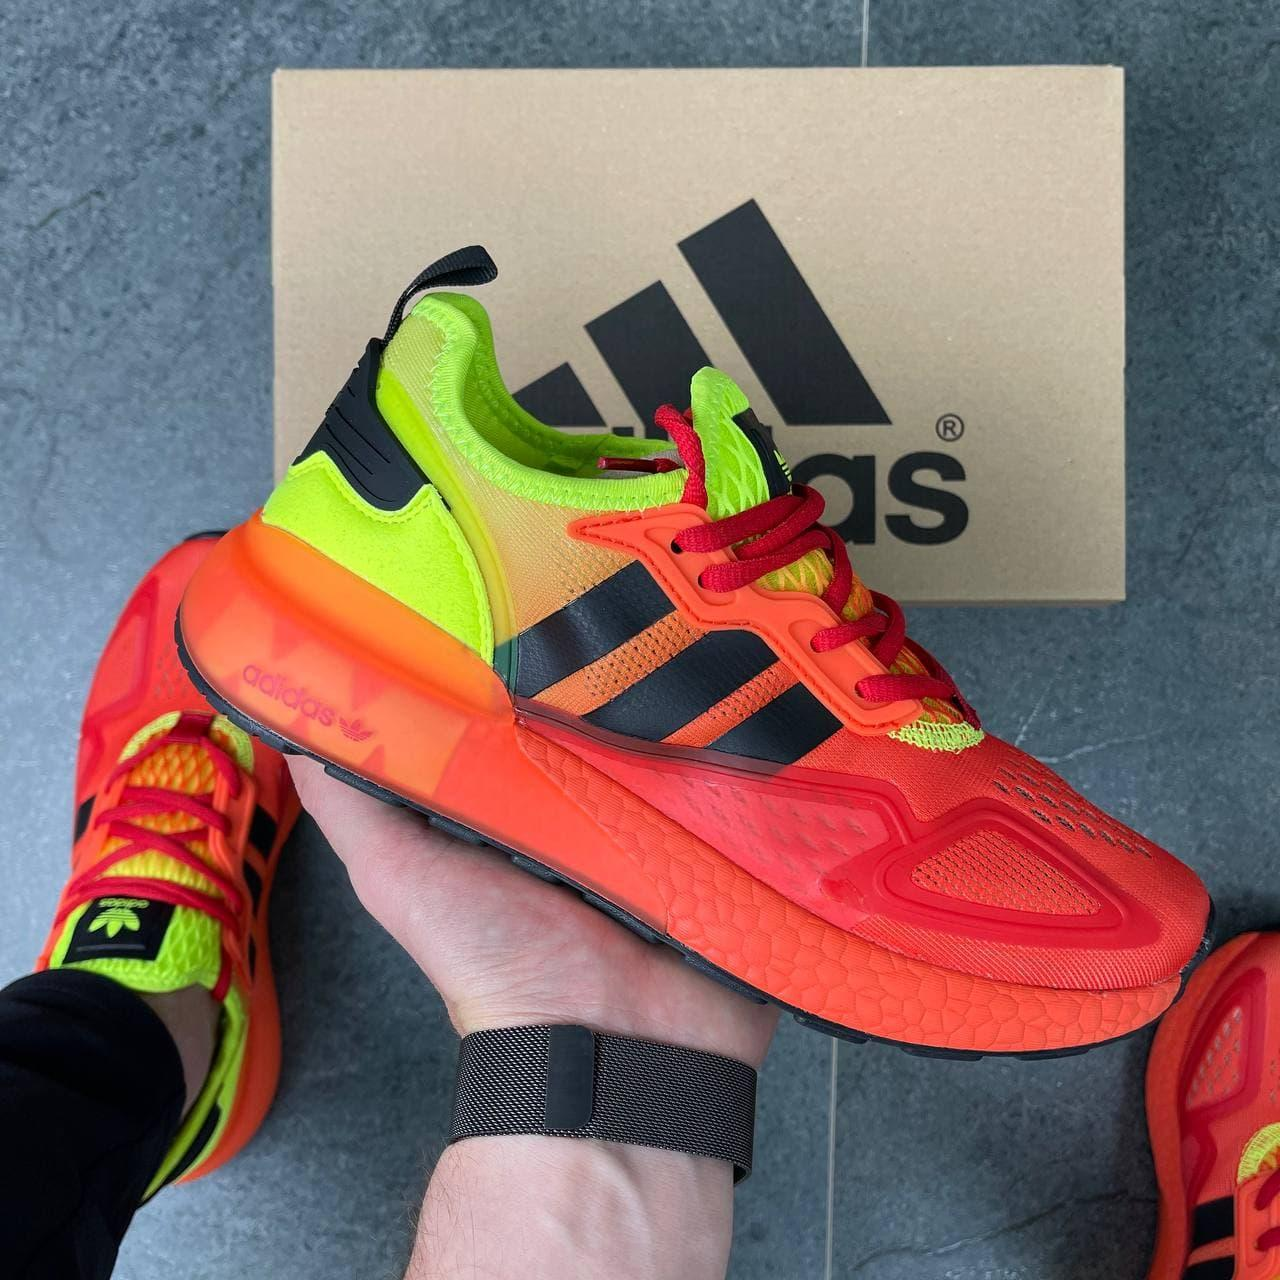 Чоловічі кросівки Adidas ZX 2k Boost (жовтогарячий із салатовим) DА1184 легкі круті спортивні кроси